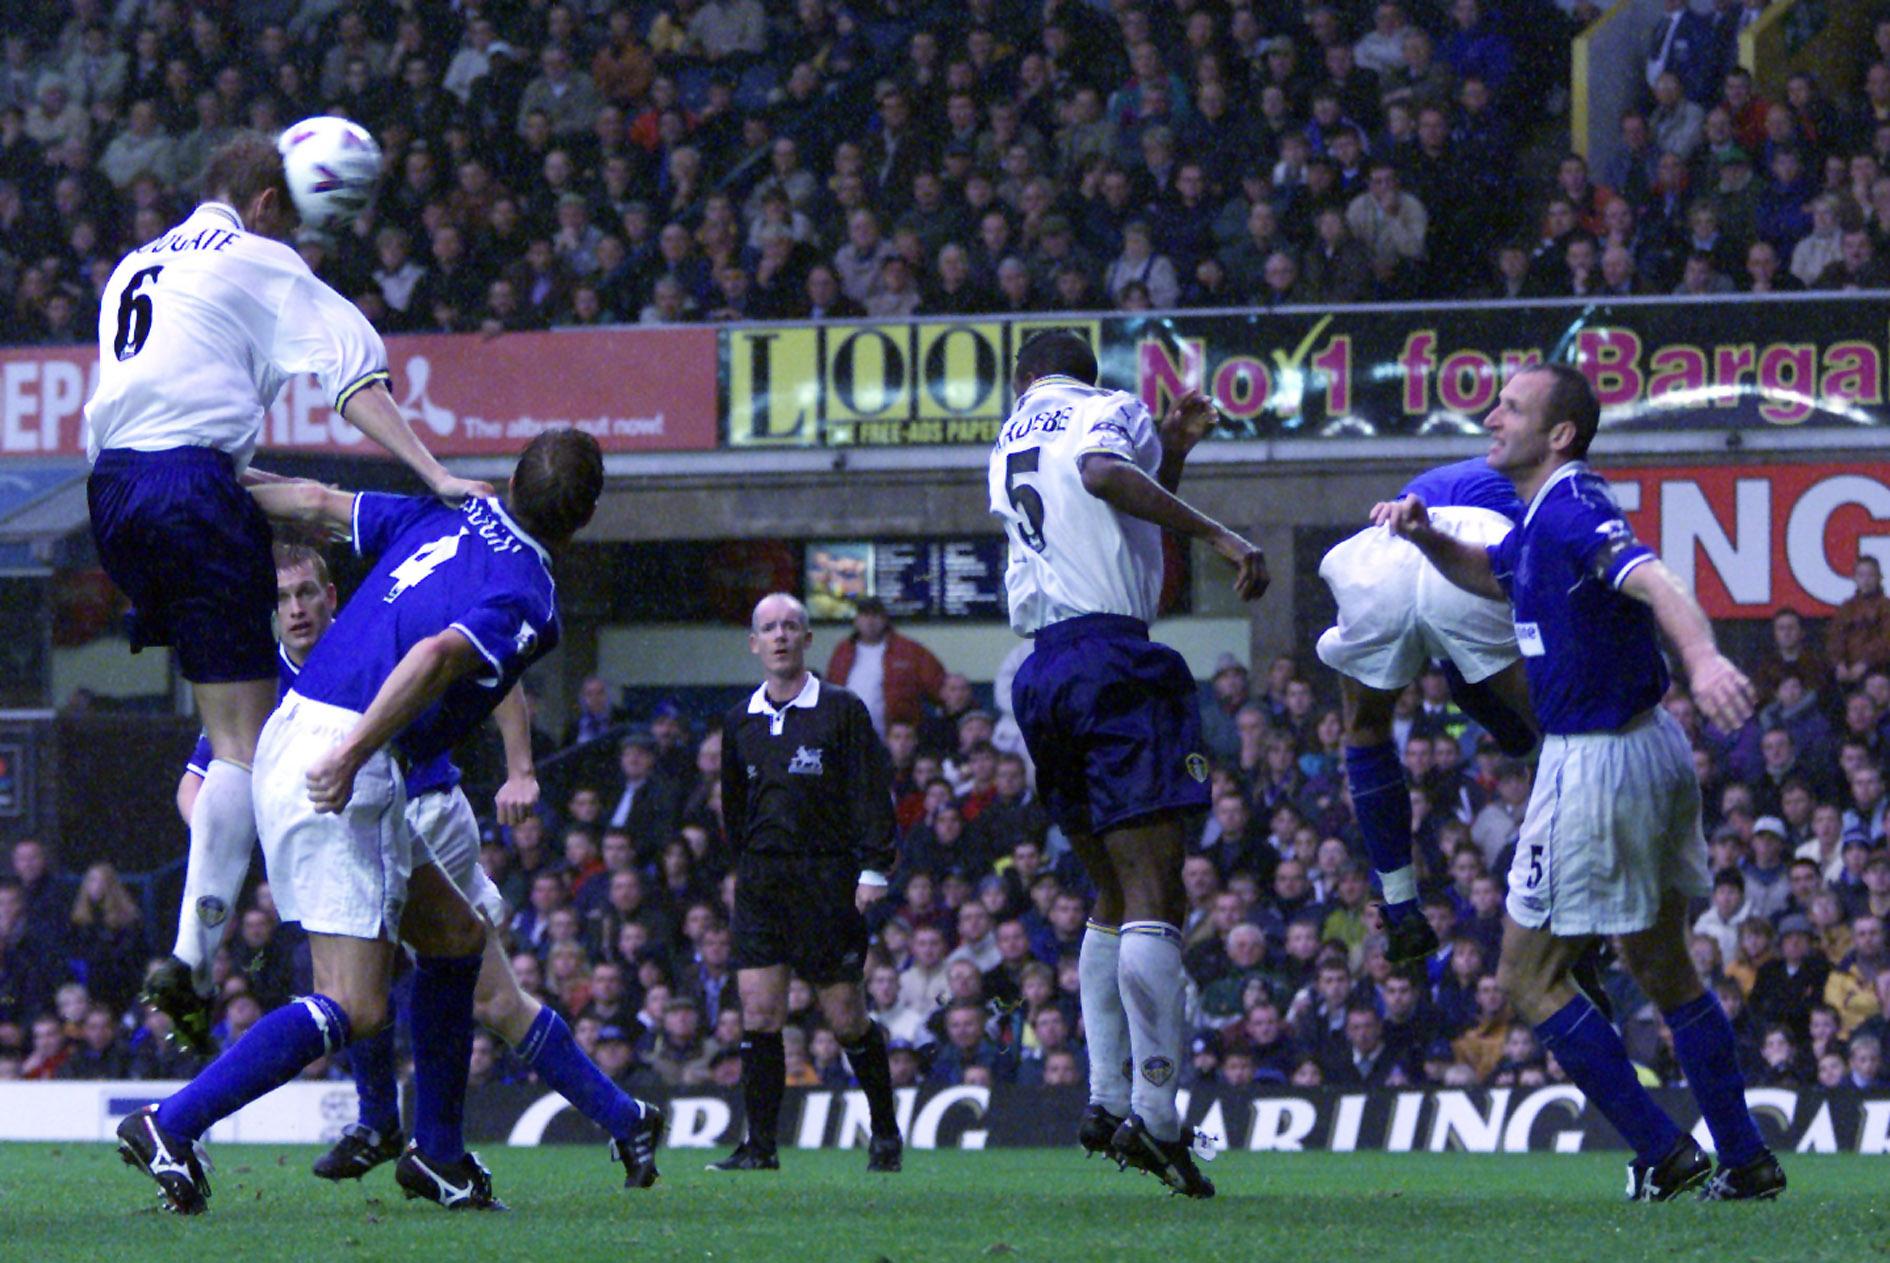 Everton v Leeds/Woodgate goal